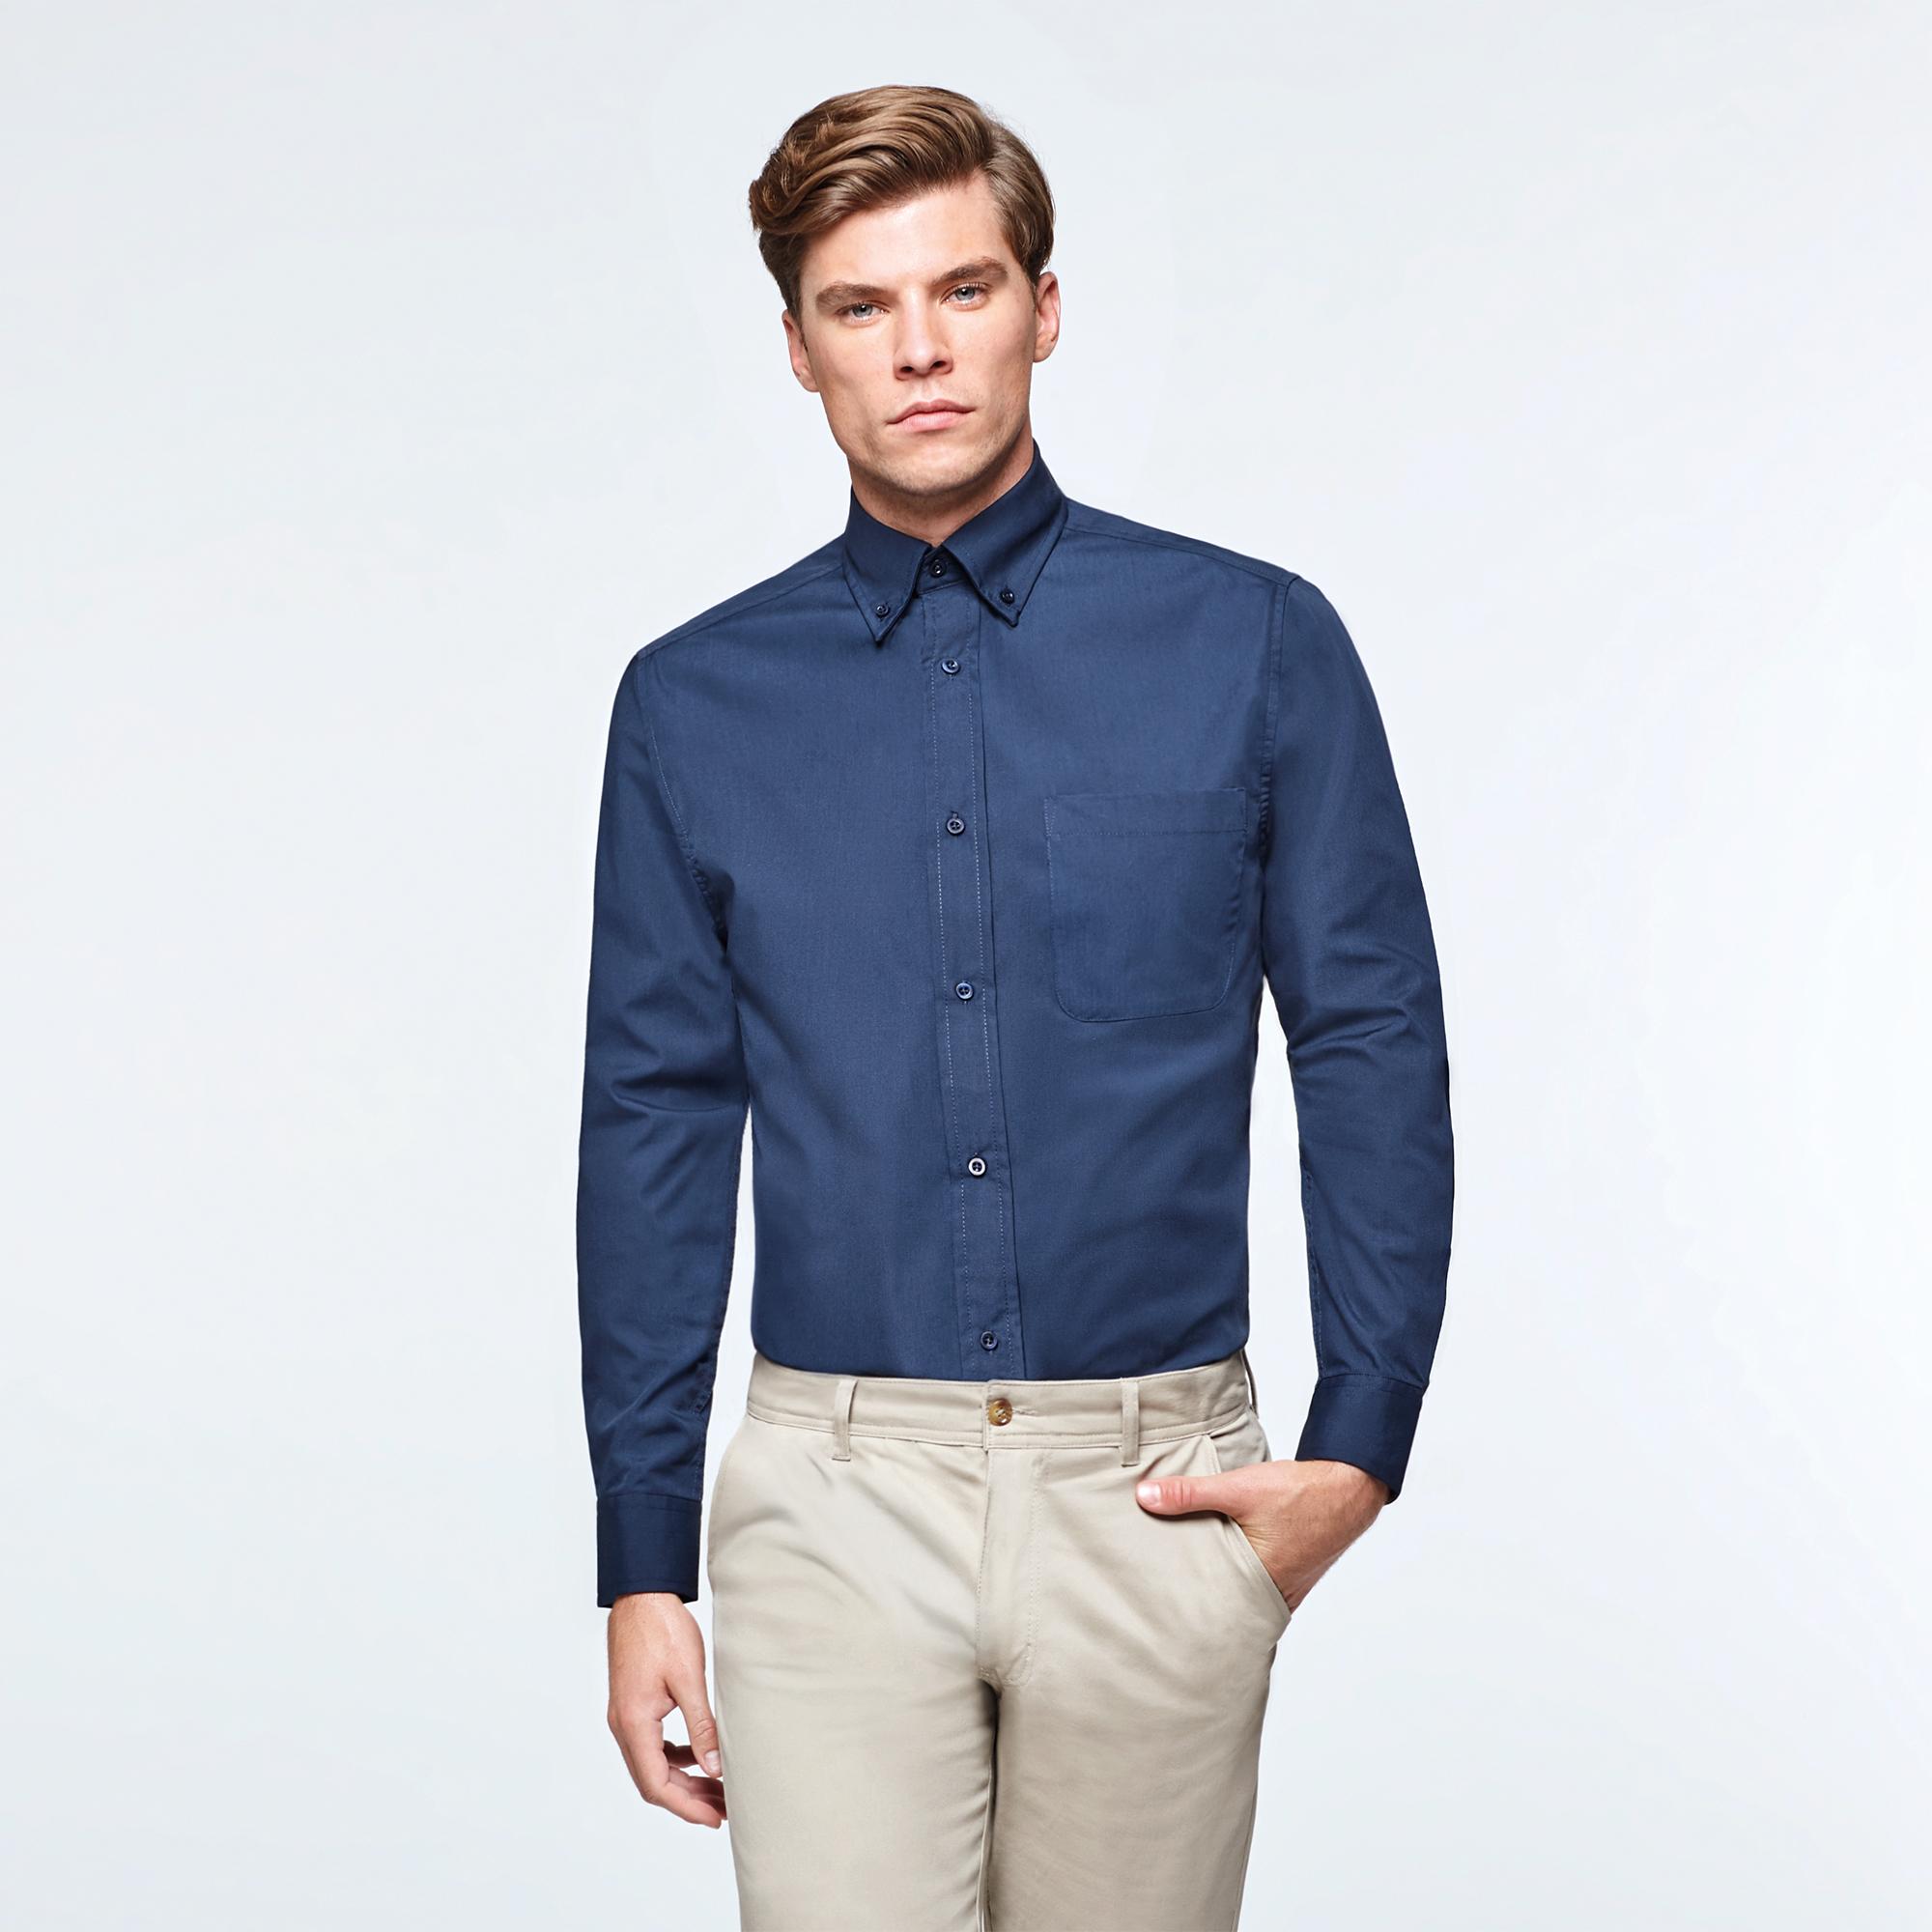 949ae20a0c Camisa laboral Aifos L S (CM5504)